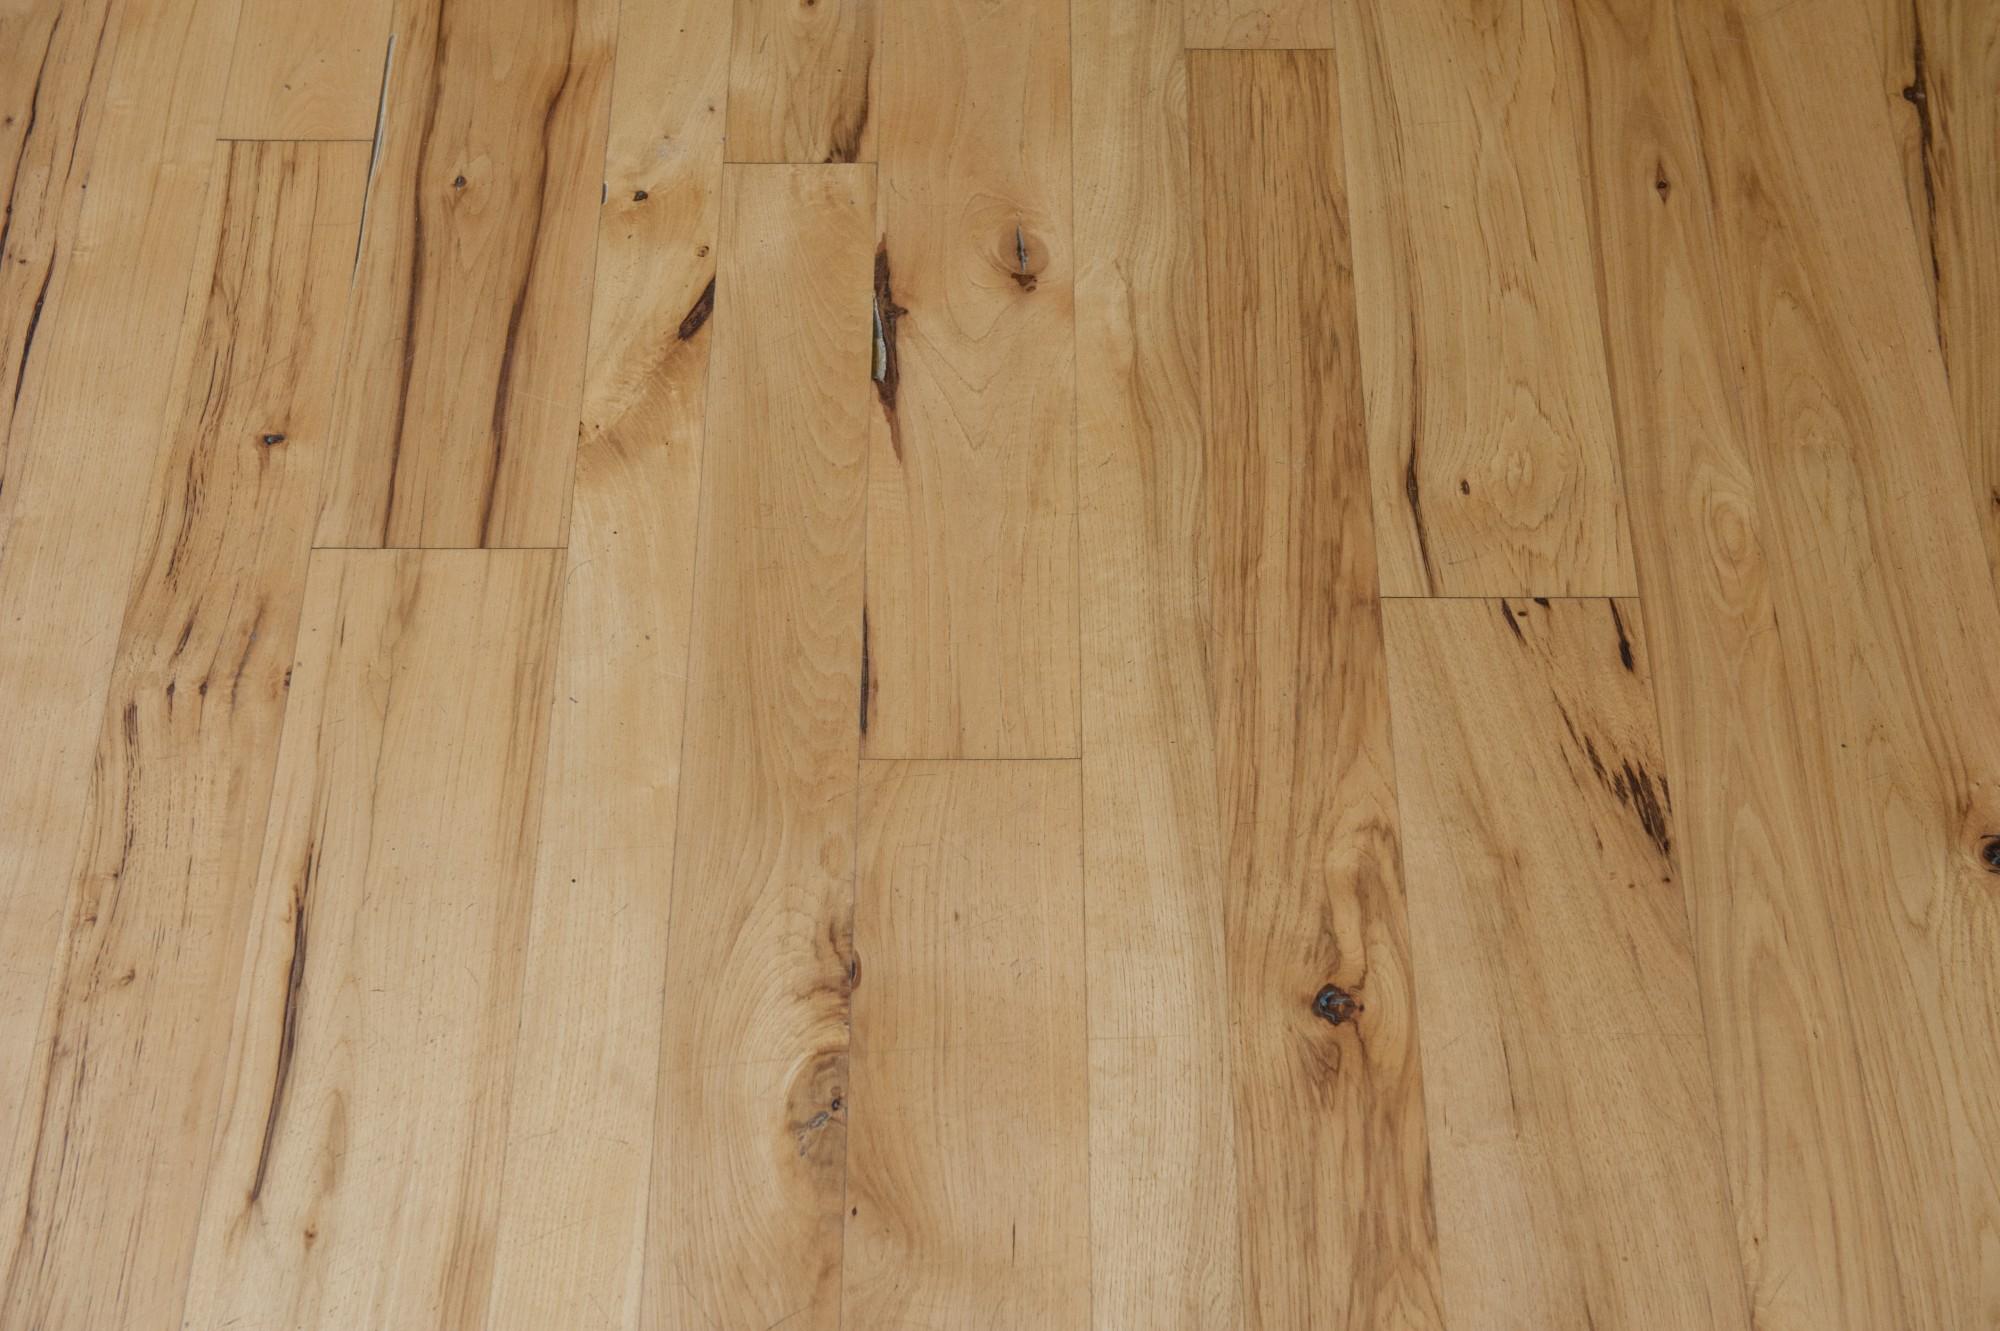 Rustic Hickory Vintage Lumber Vintage Lumber